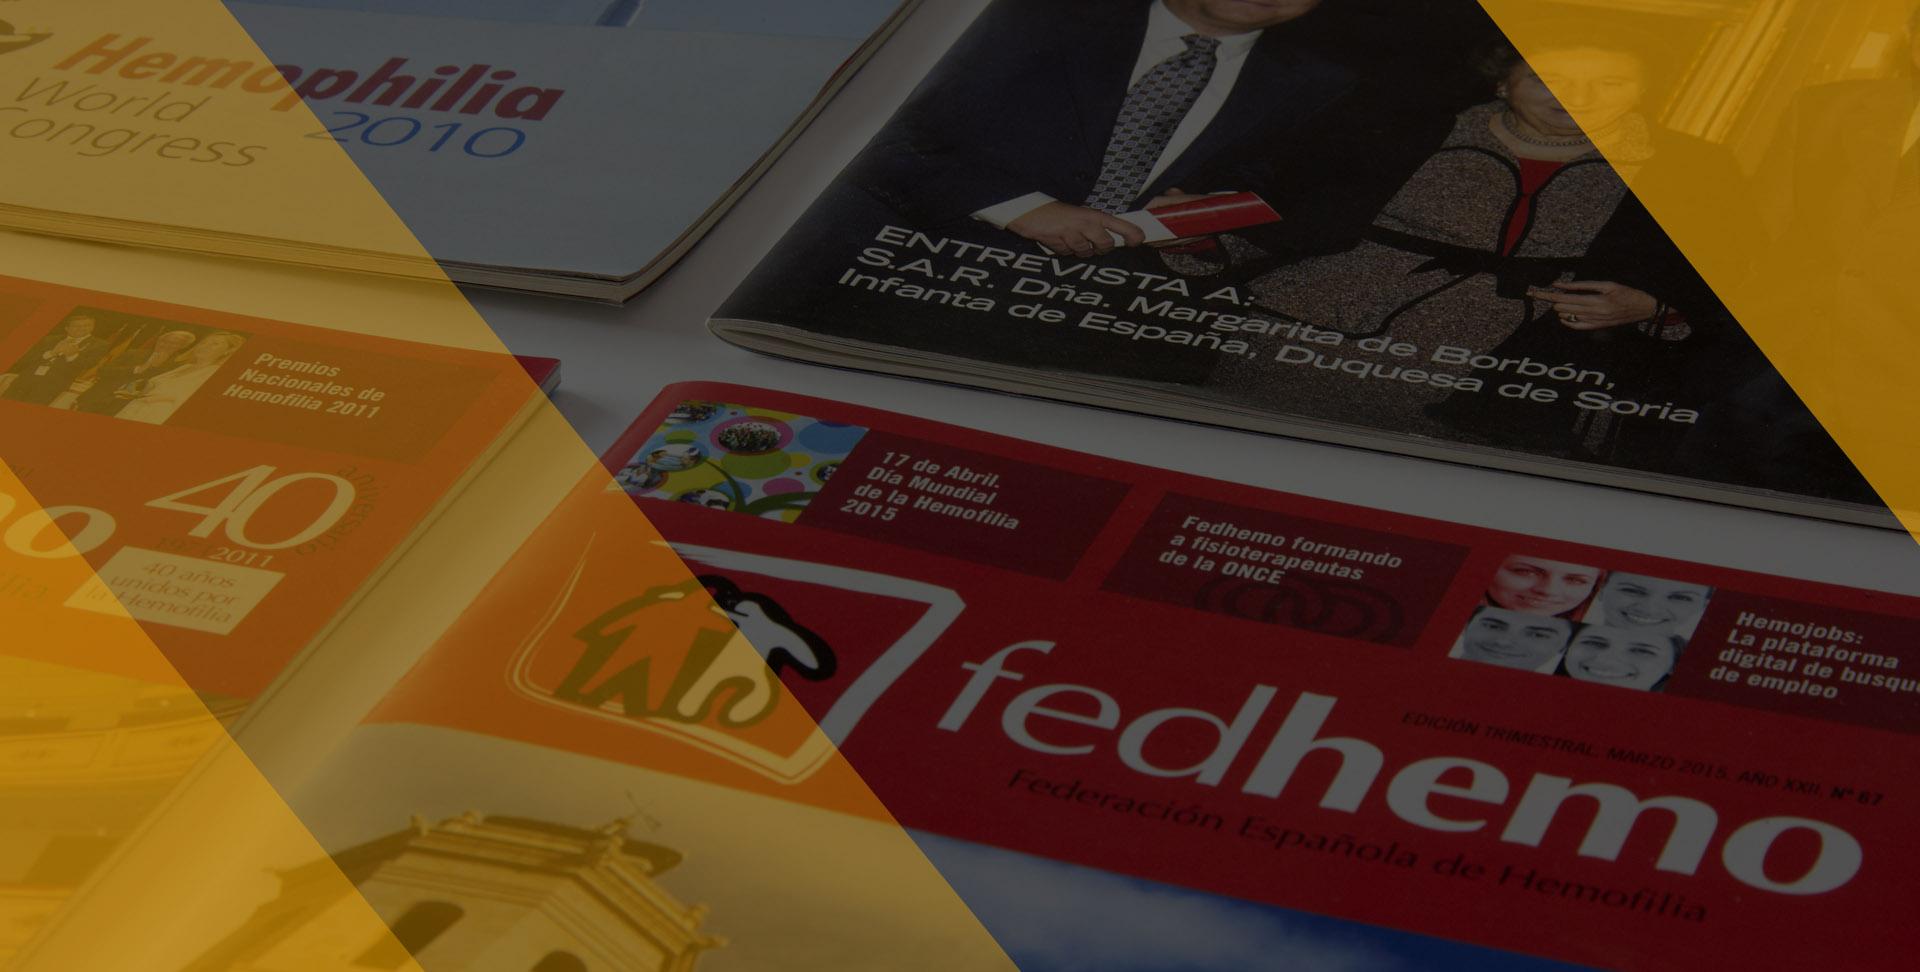 Federación Española de Hemofilia - revista Fedhemo - Calle Mayor Comunicación y Publicidad